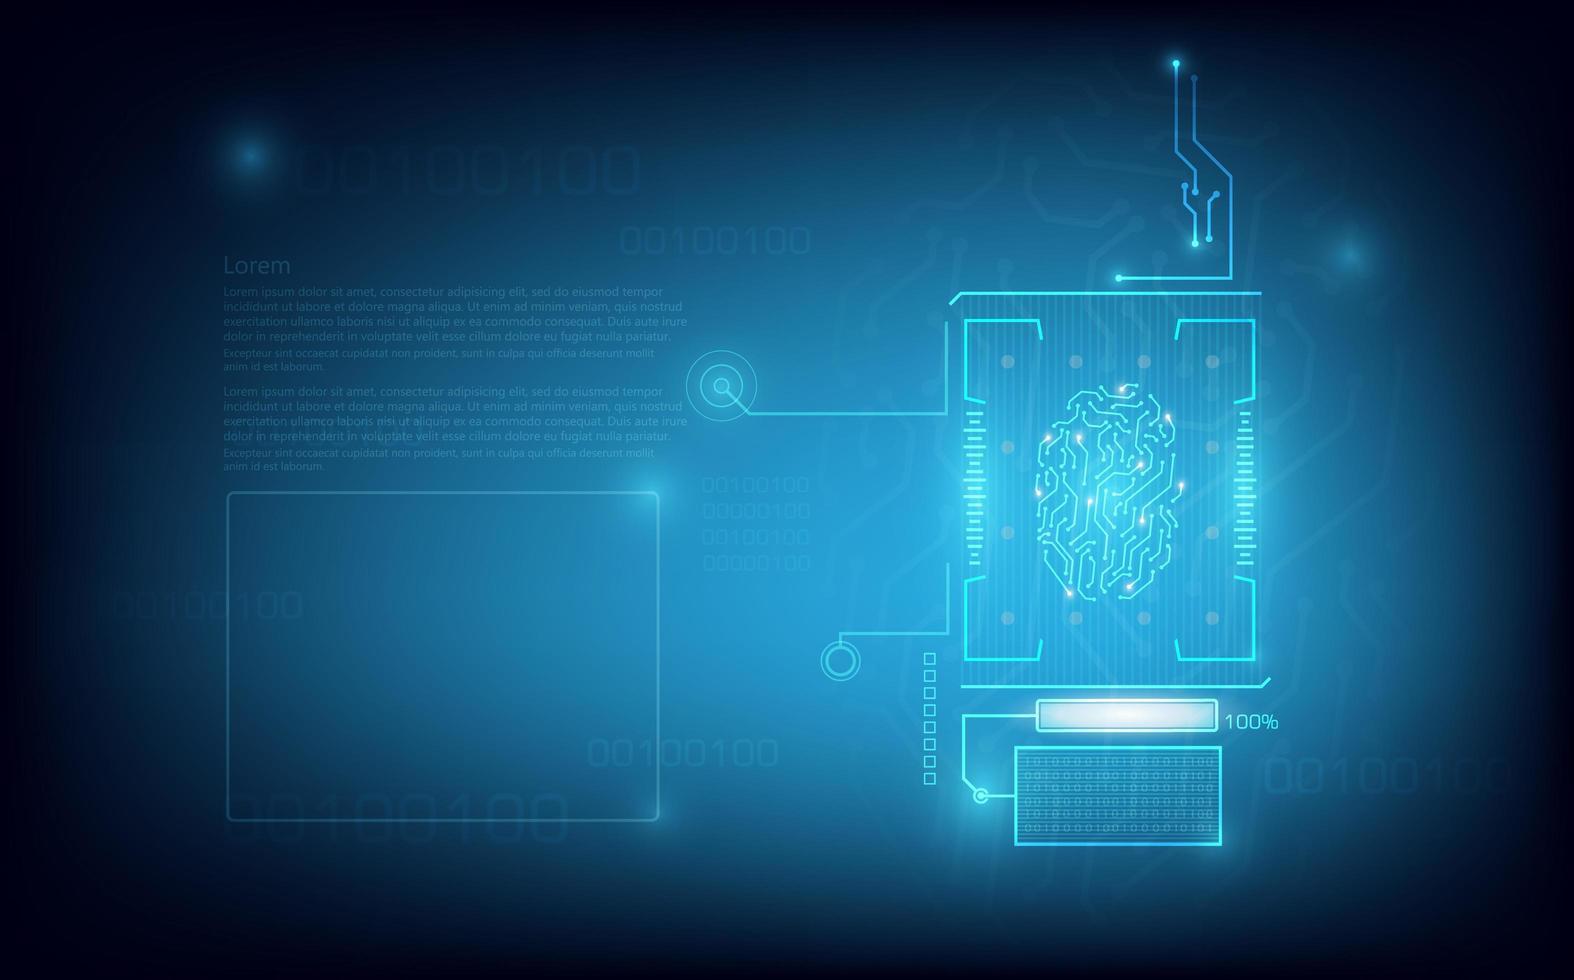 elementos da tecnologia de digitalização de impressões digitais vetor